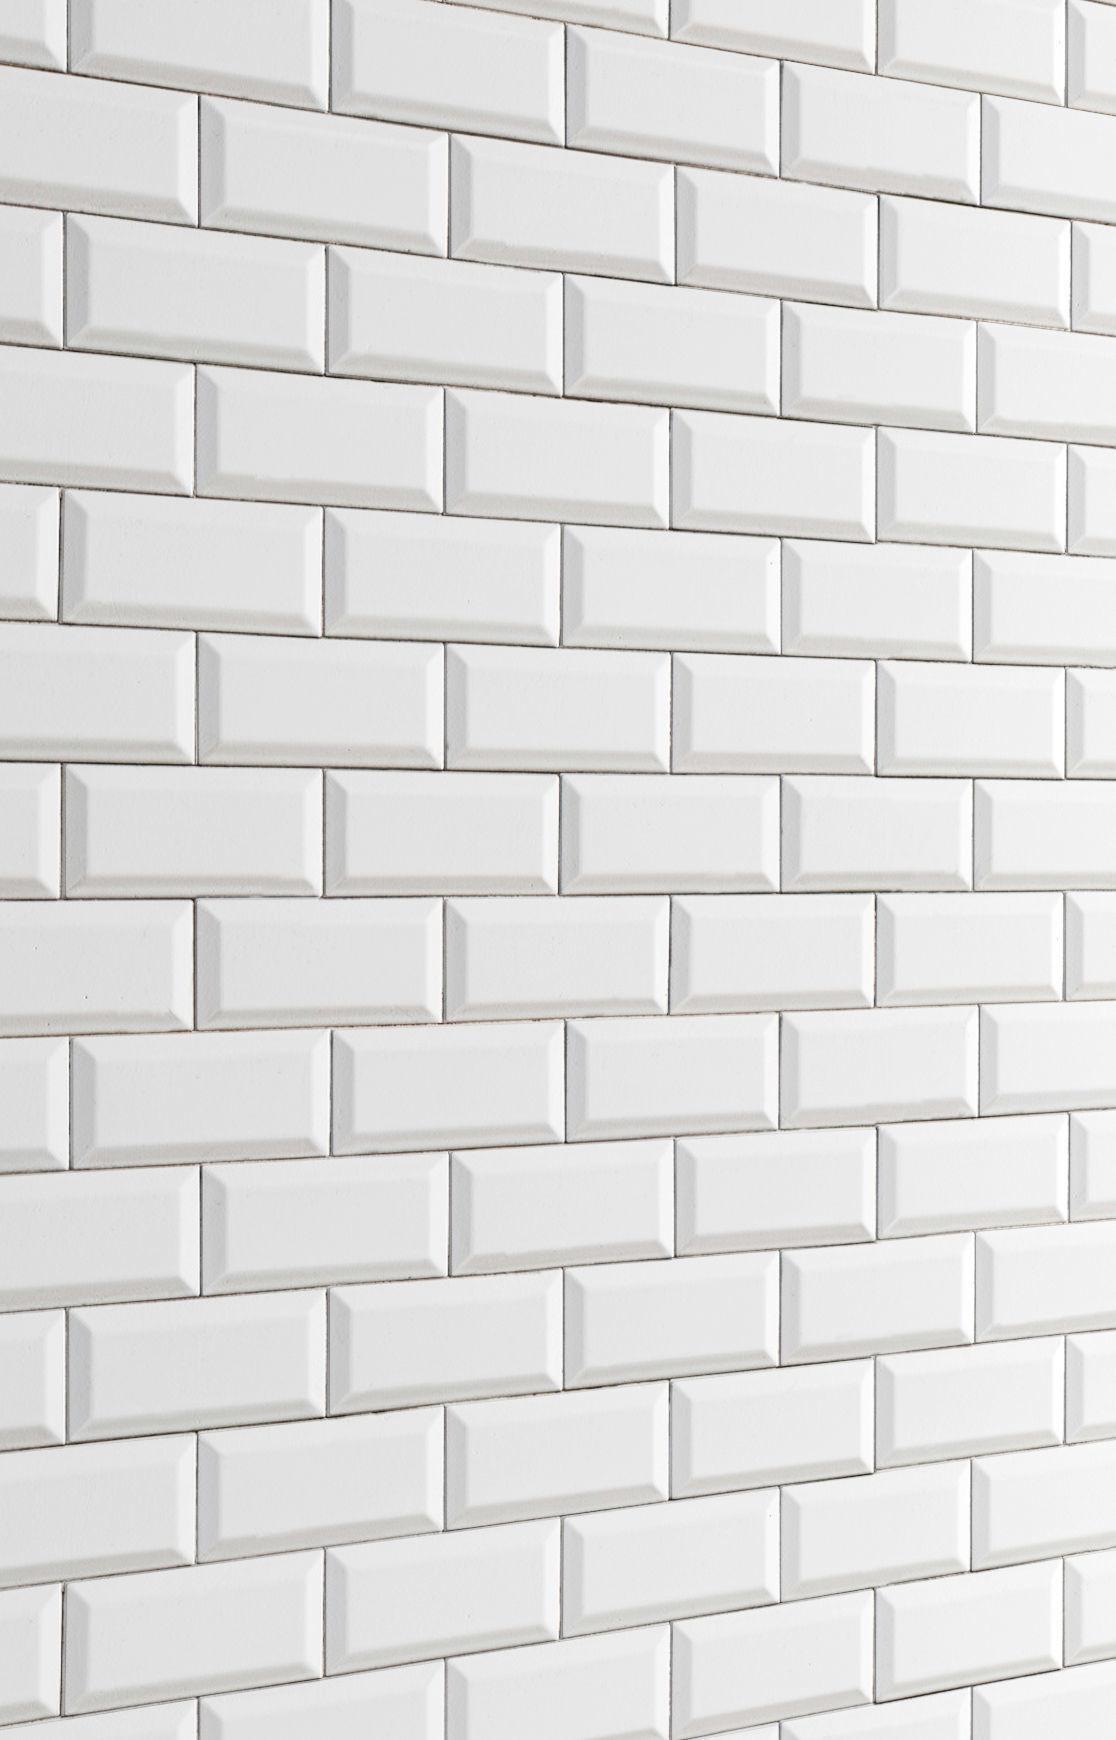 Wall Tiles 3d Model Max Obj Fbx Mtl